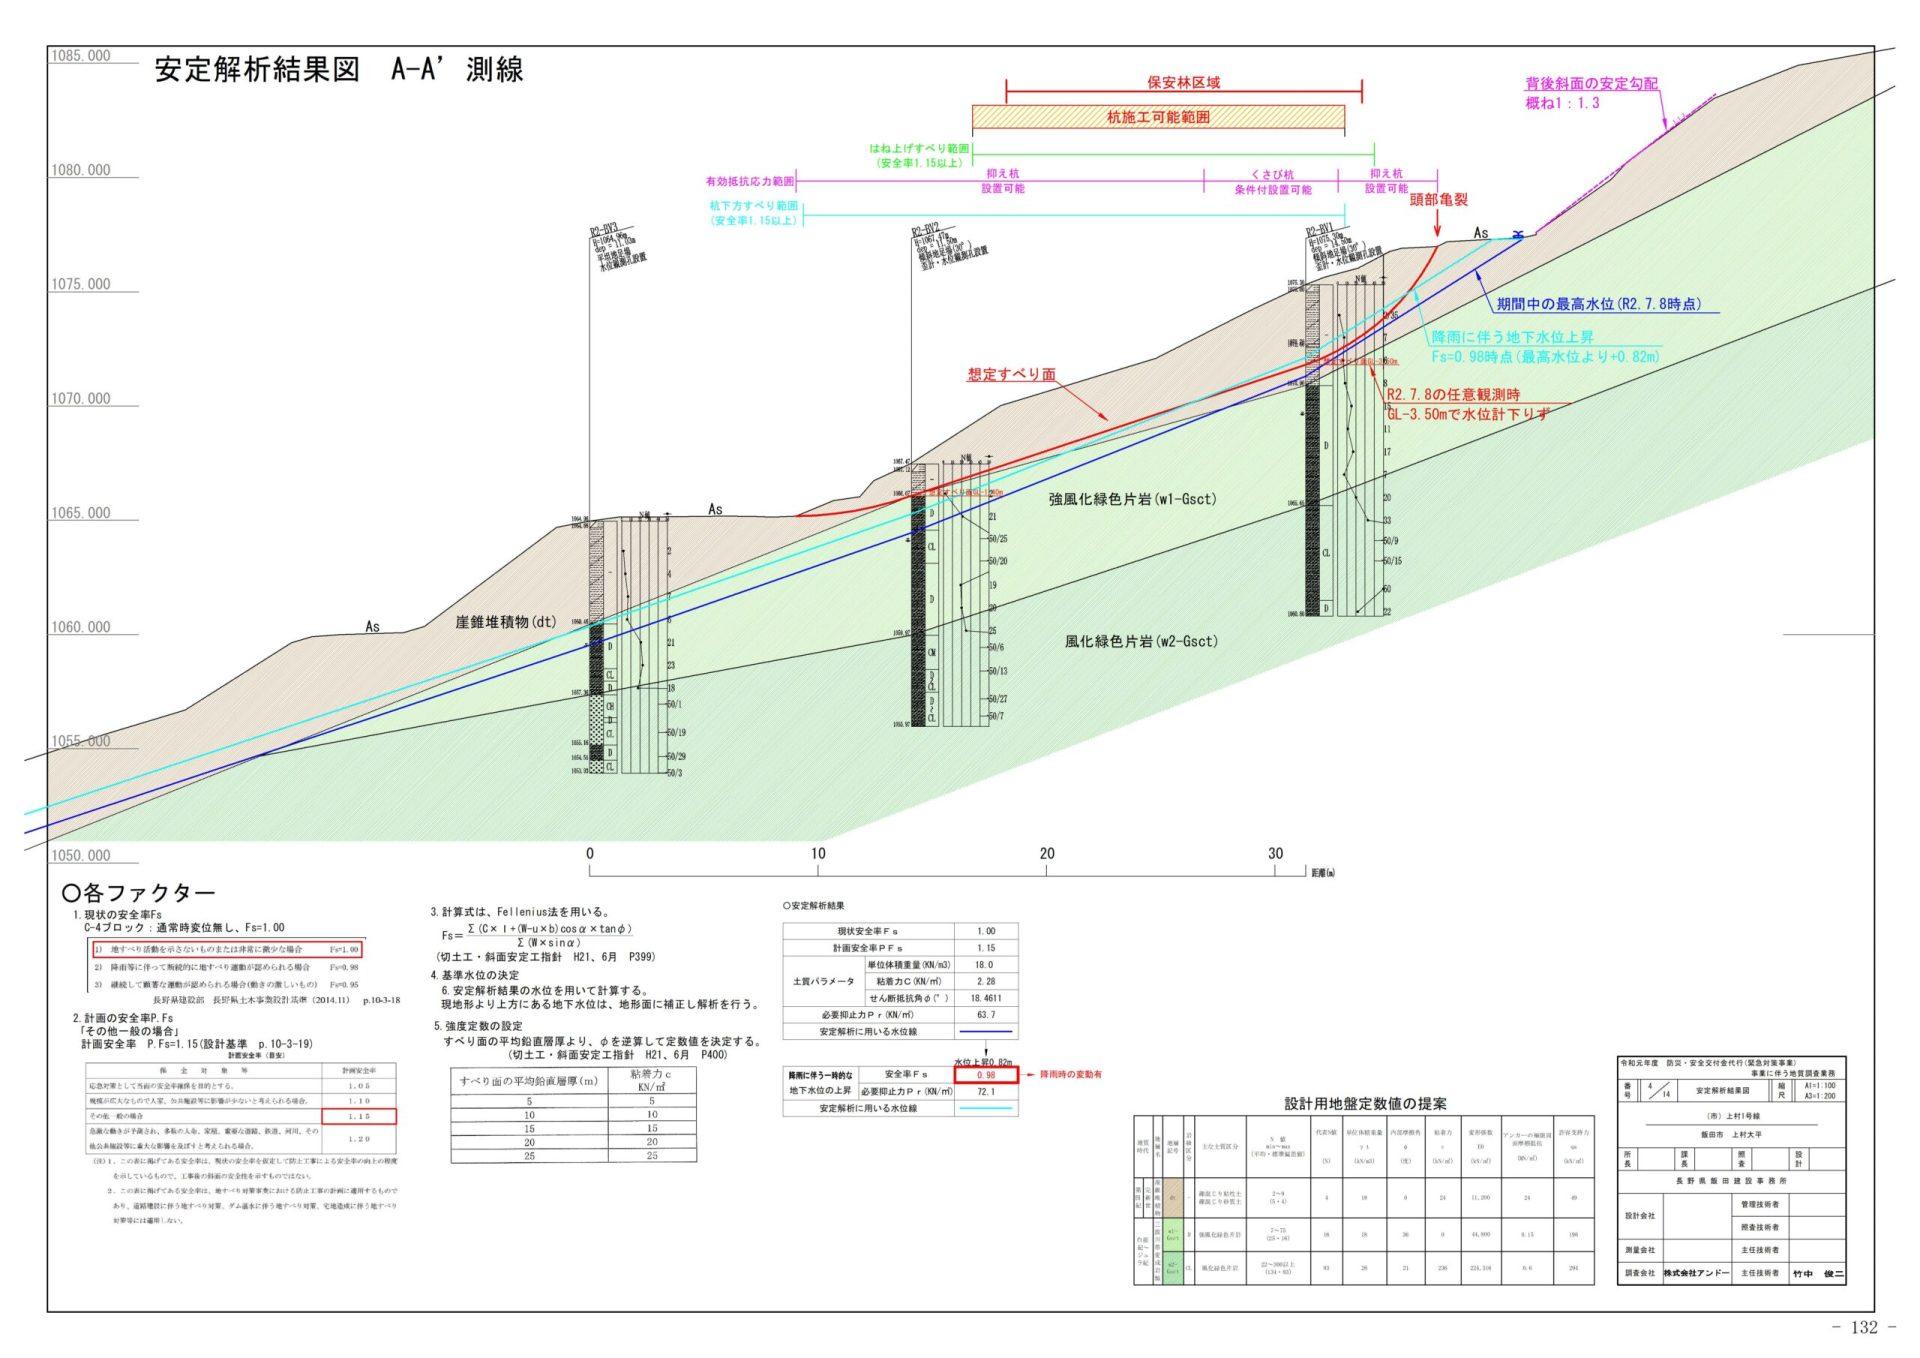 飯田市上村大平 地すべり地質調査業務